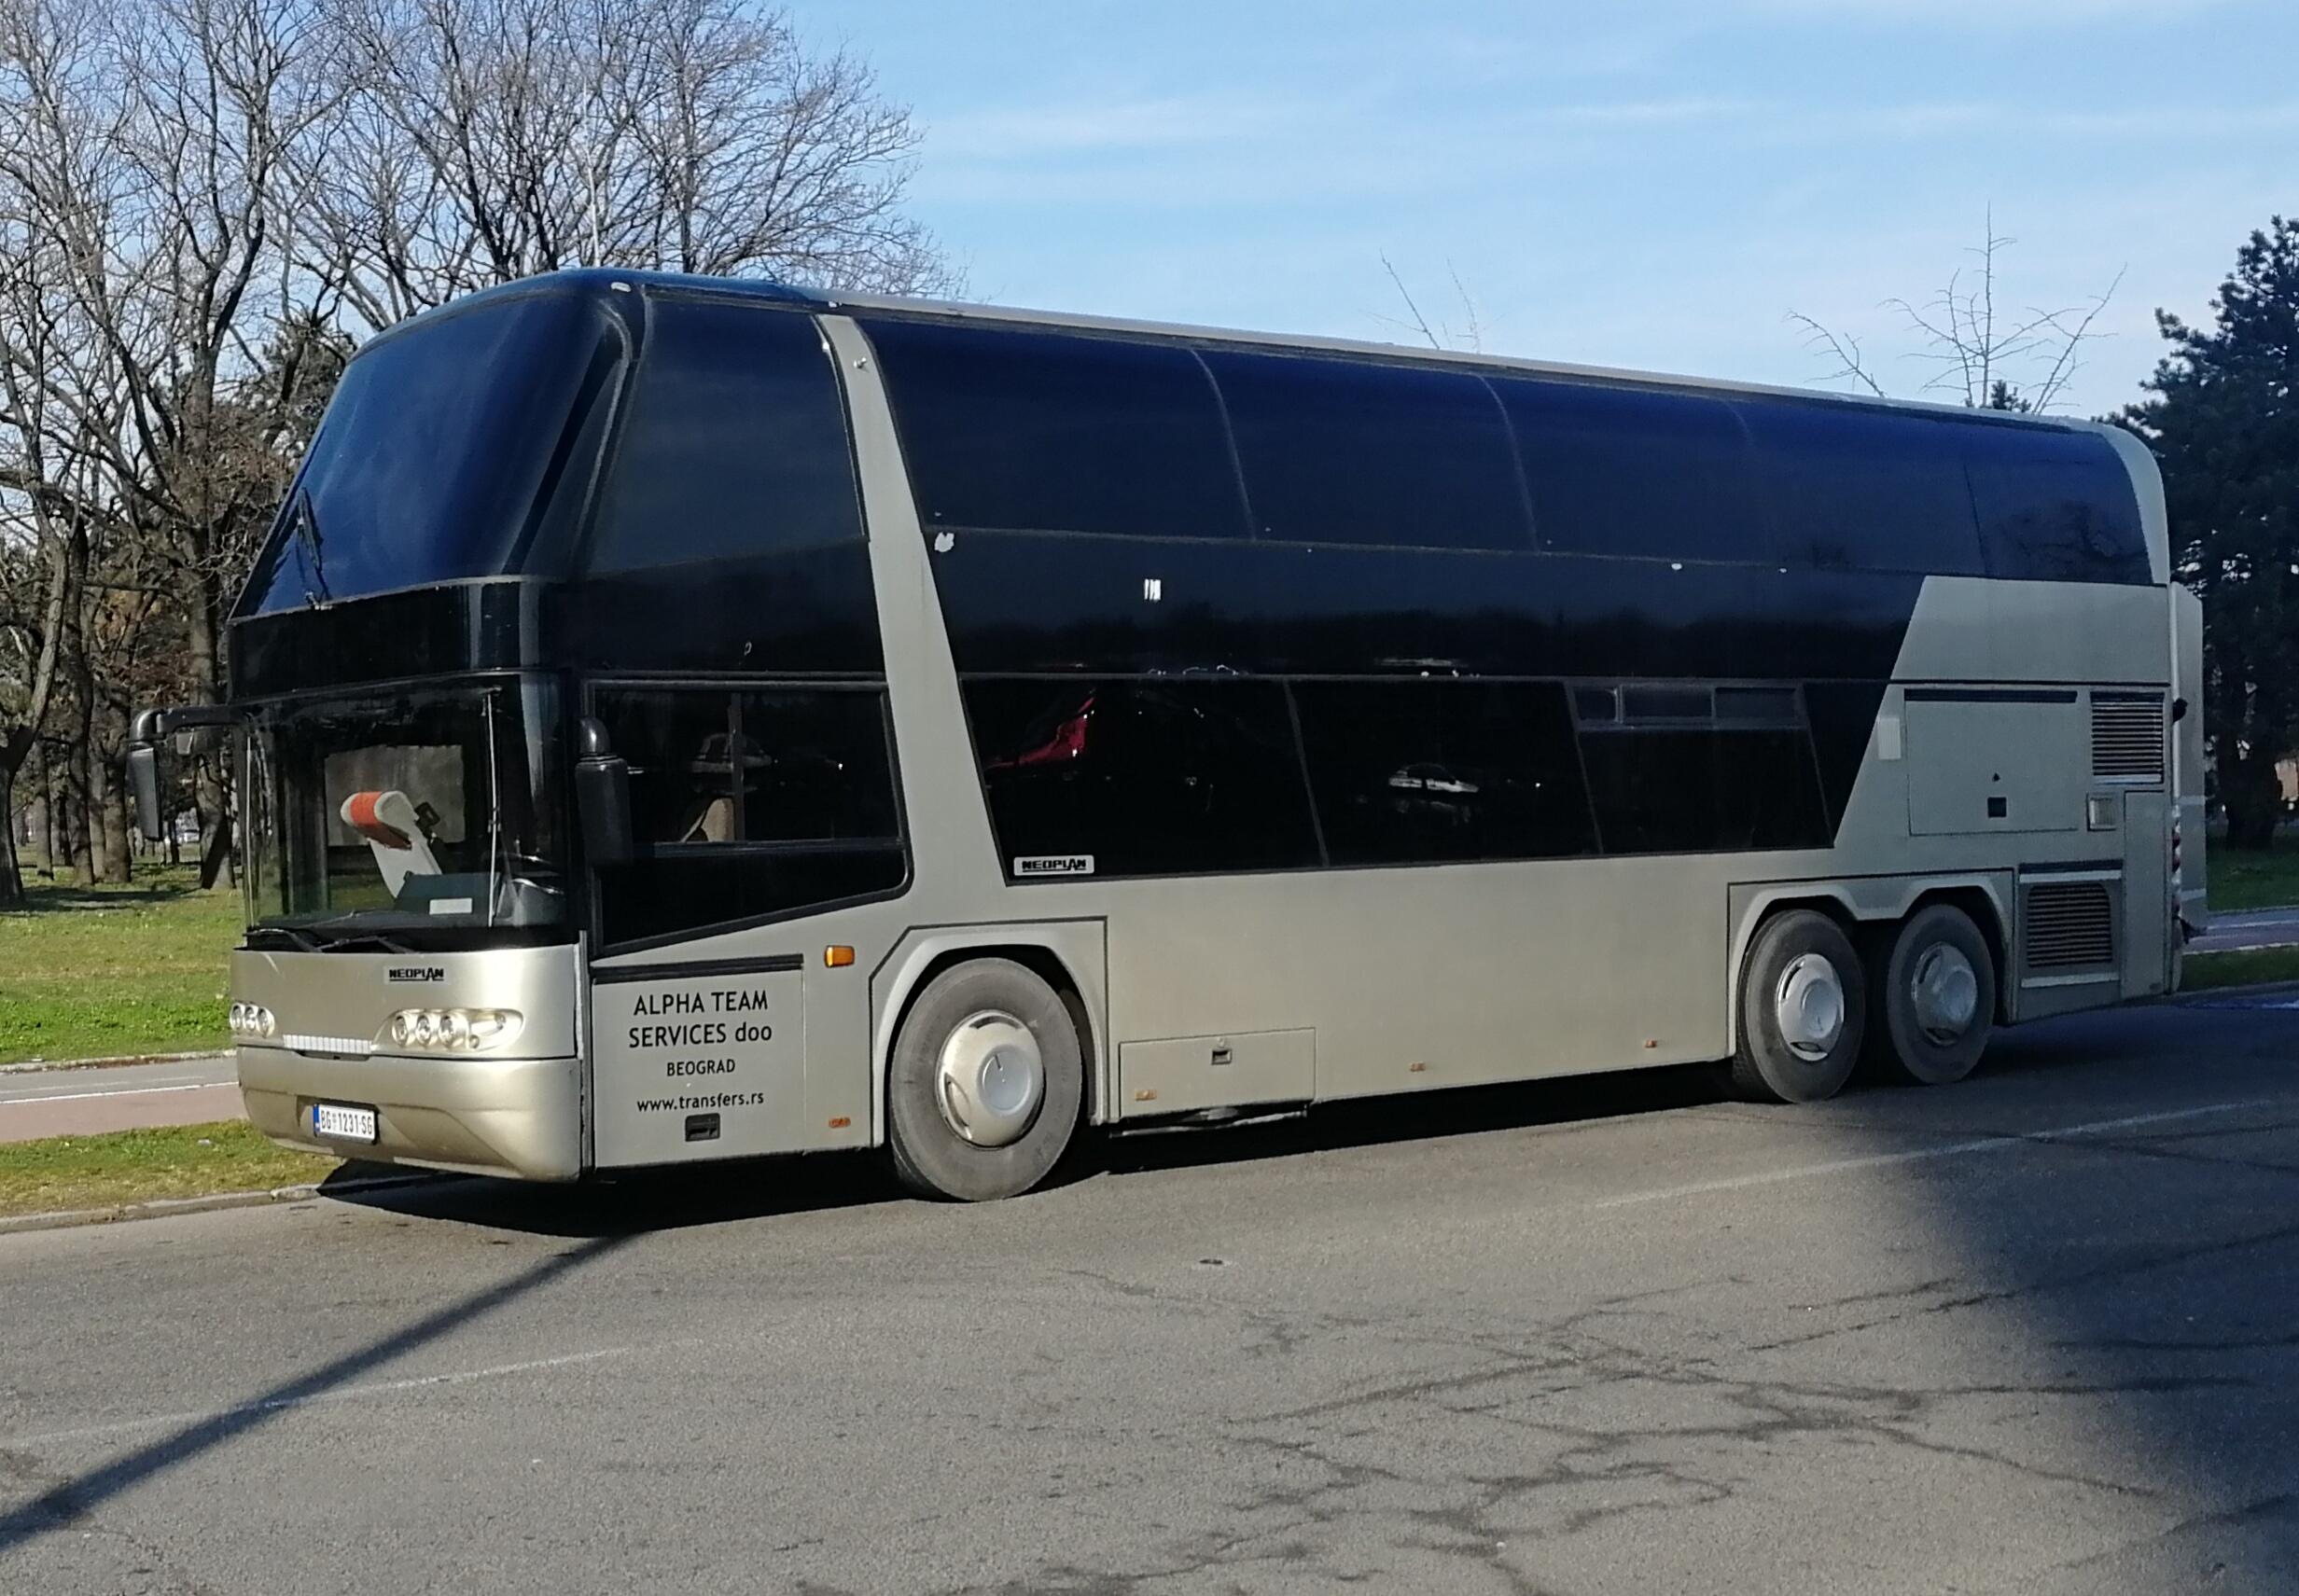 autobus Neoplan N122 77 sedišta